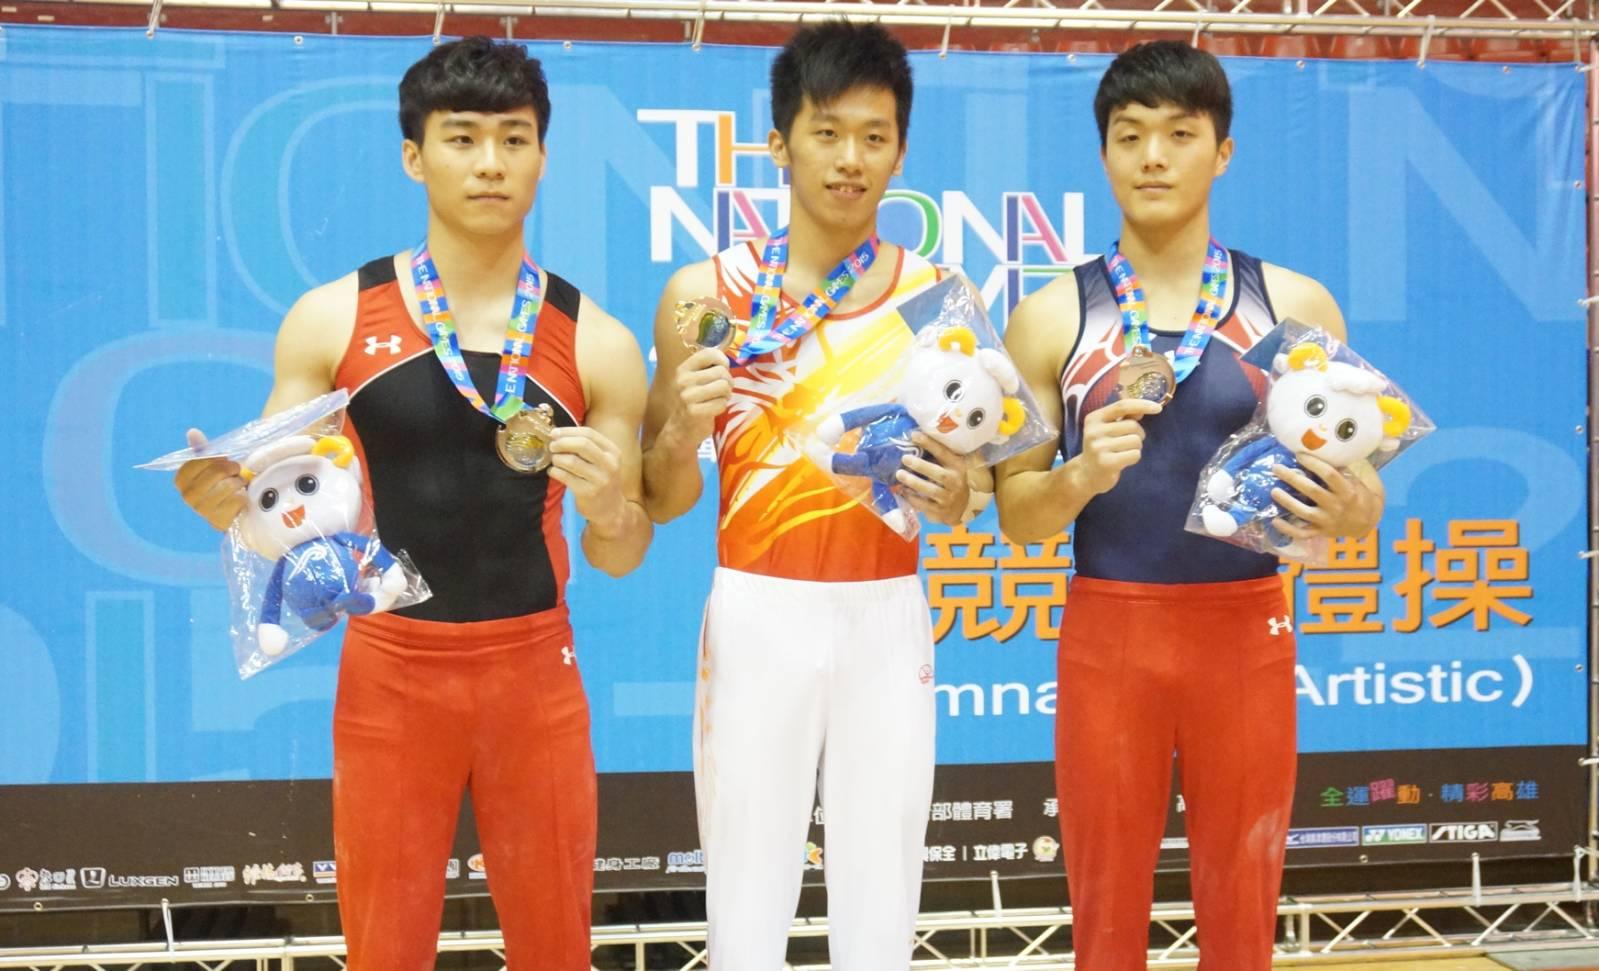 104年全運會競技體操 桃園市李智凱拿下男子全能金牌